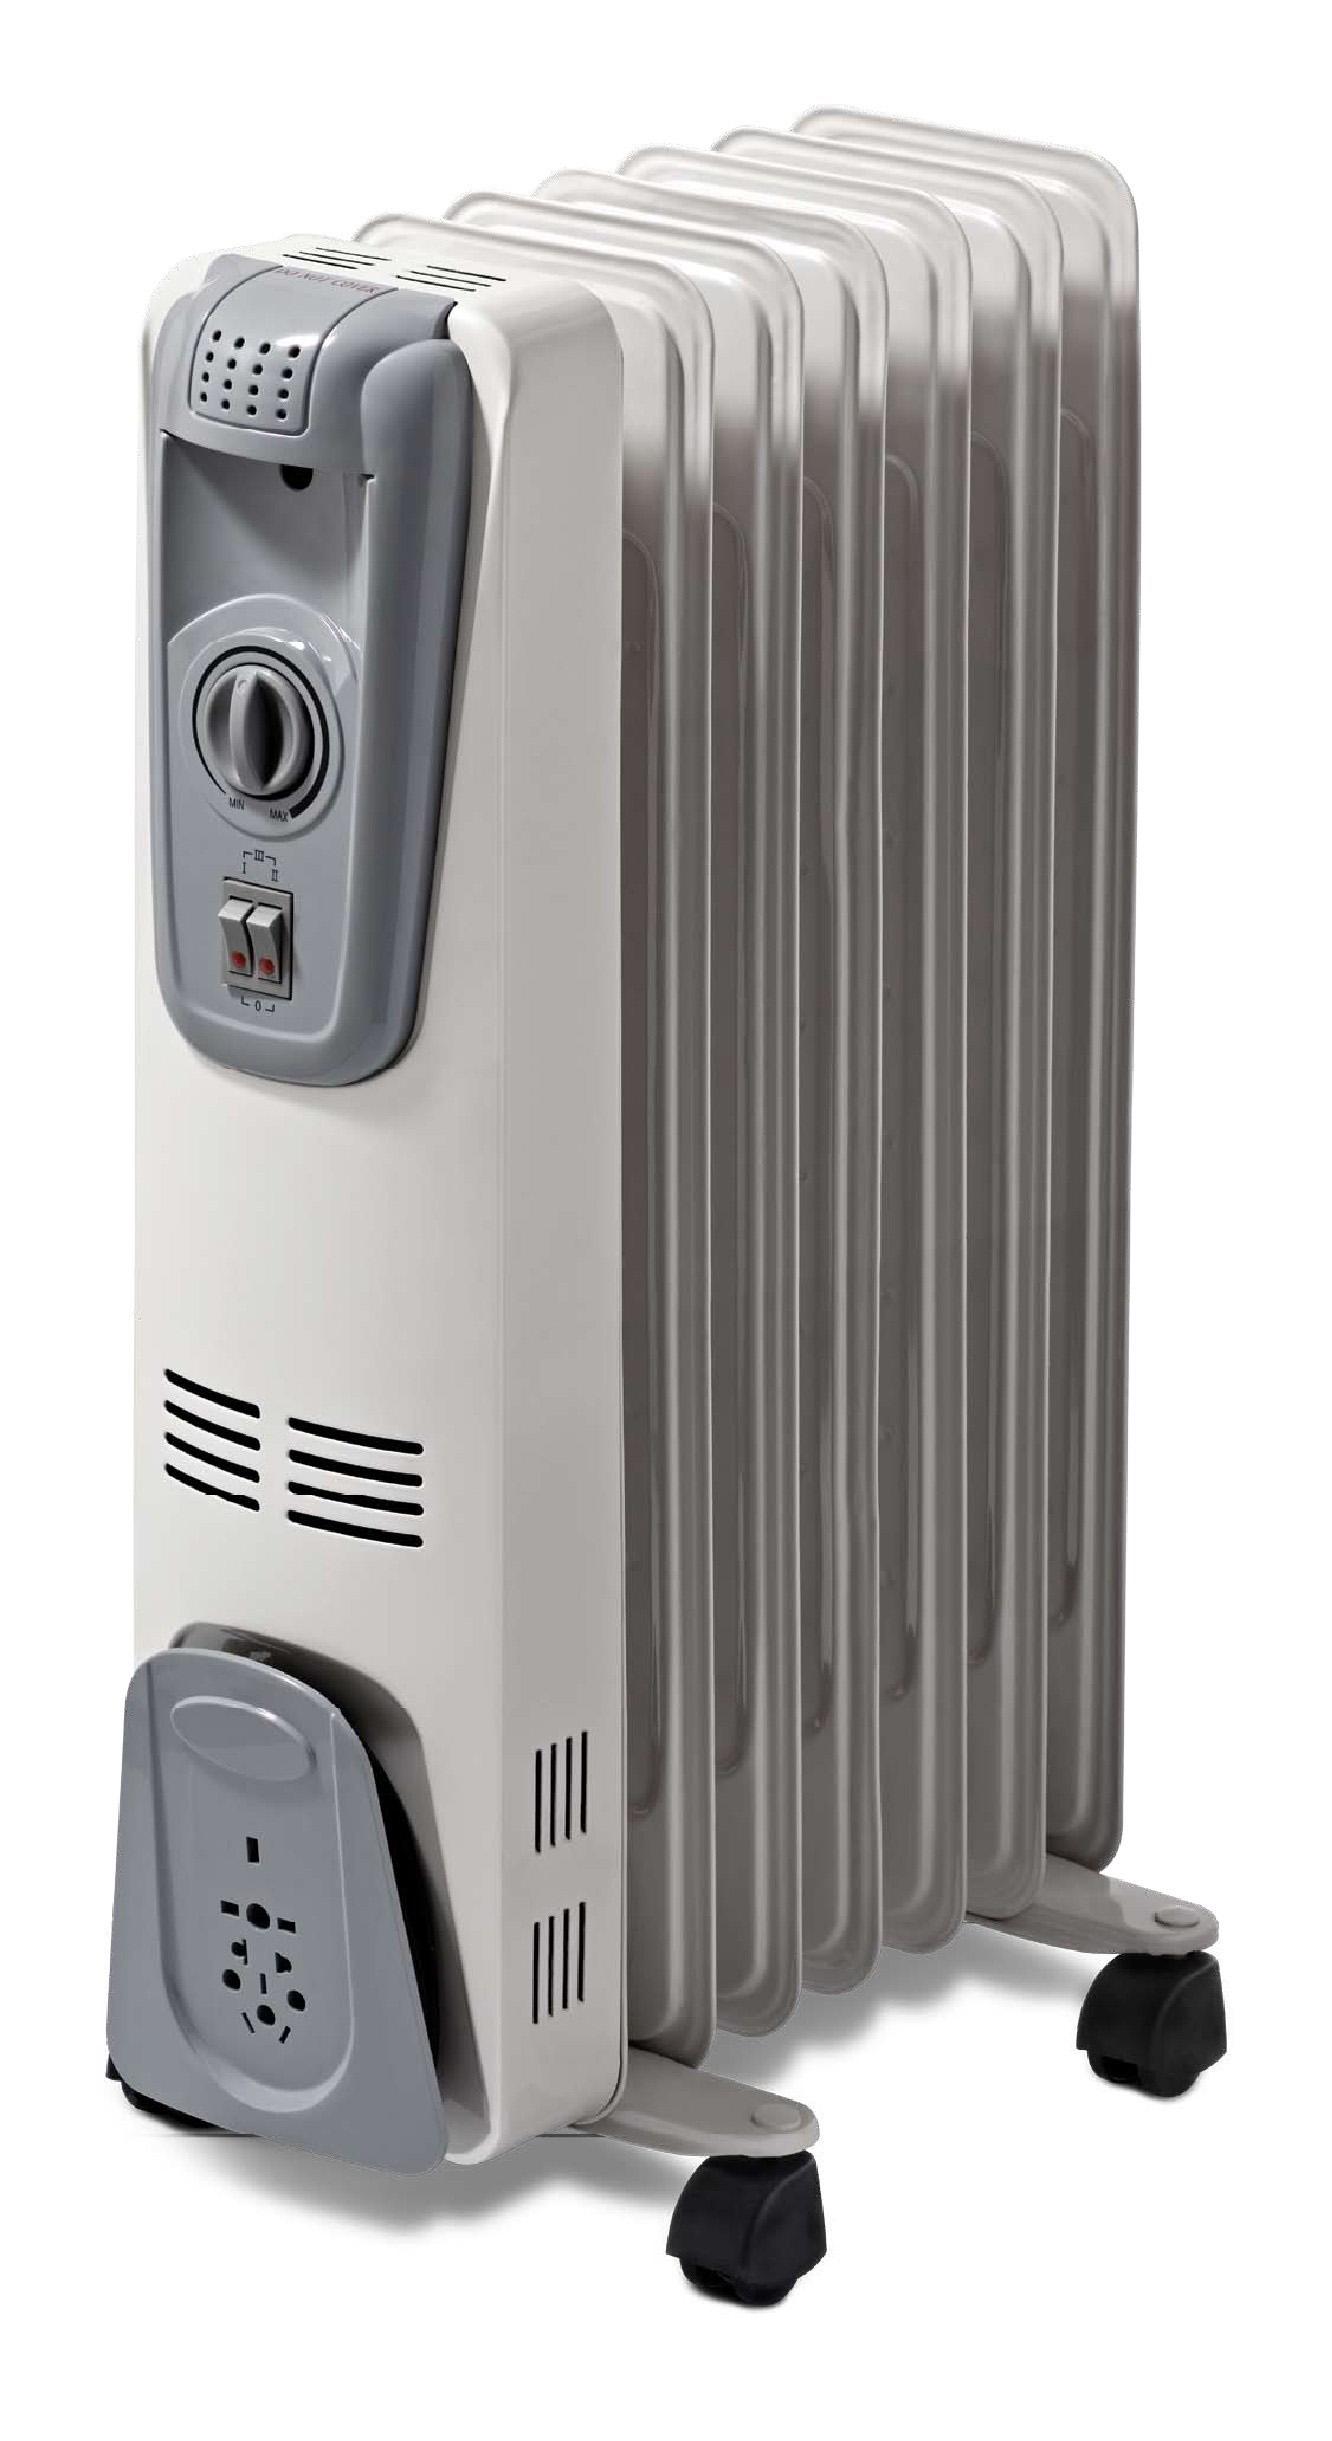 Oil Filled Radiator Heater Cyaa55 7 Soleil Heaters